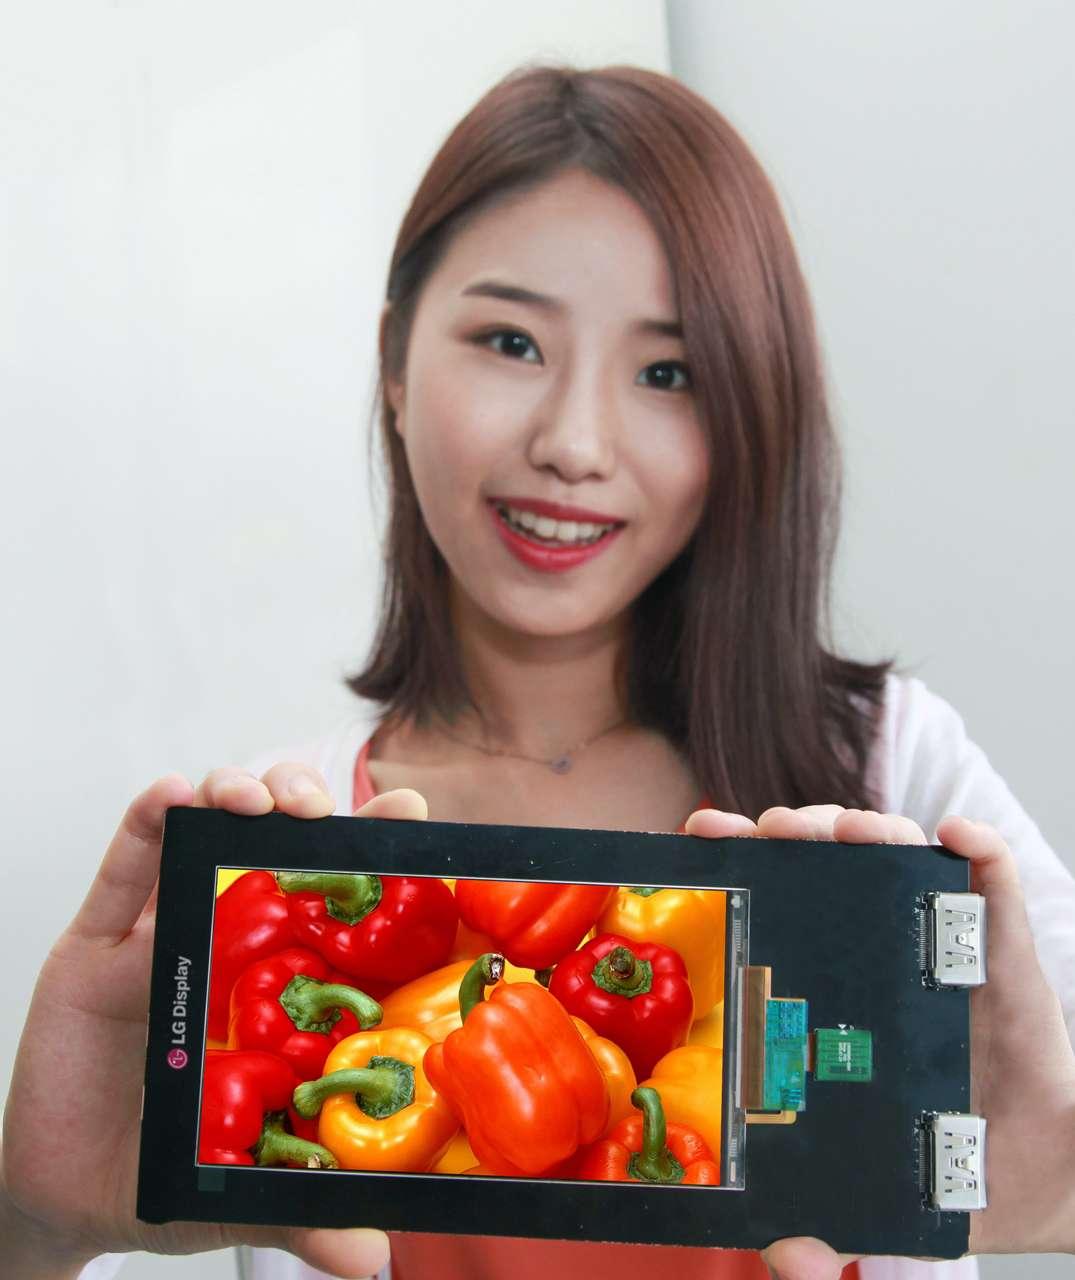 LG avait déjà lancé les premiers écrans pour mobiles en Full HD en 2012. Avec sa qualité d'affichage et sa finesse, l'écran 5,5 pouces qu'il vient de présenter pourrait rapidement devenir la norme des smartphones et autres phablets les prochaines années. © Samsung